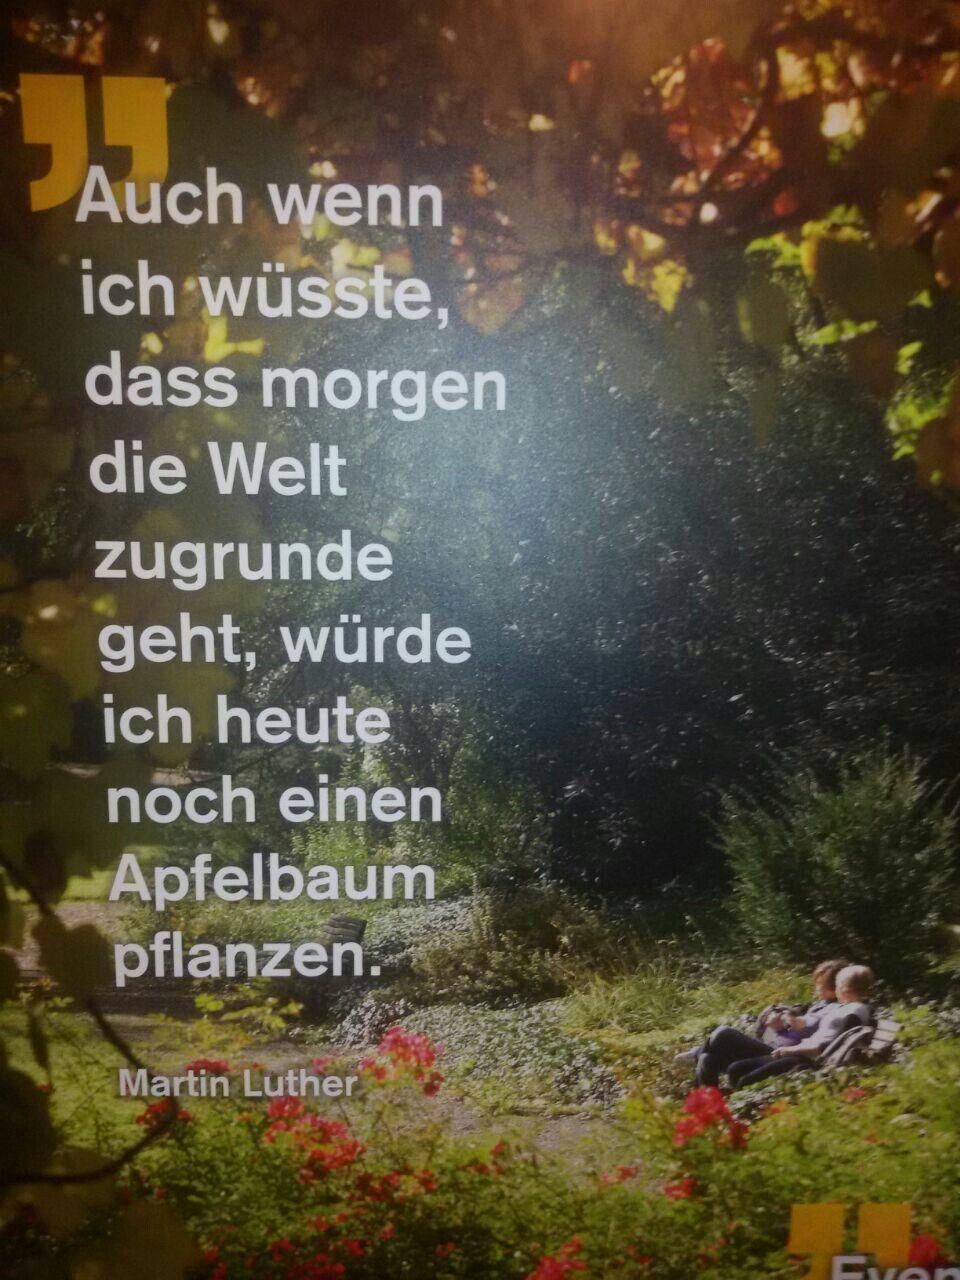 Pin Von Elke Wesche Auf Spruche Apfelbaume Pflanzen Apfelbaum Martin Luther